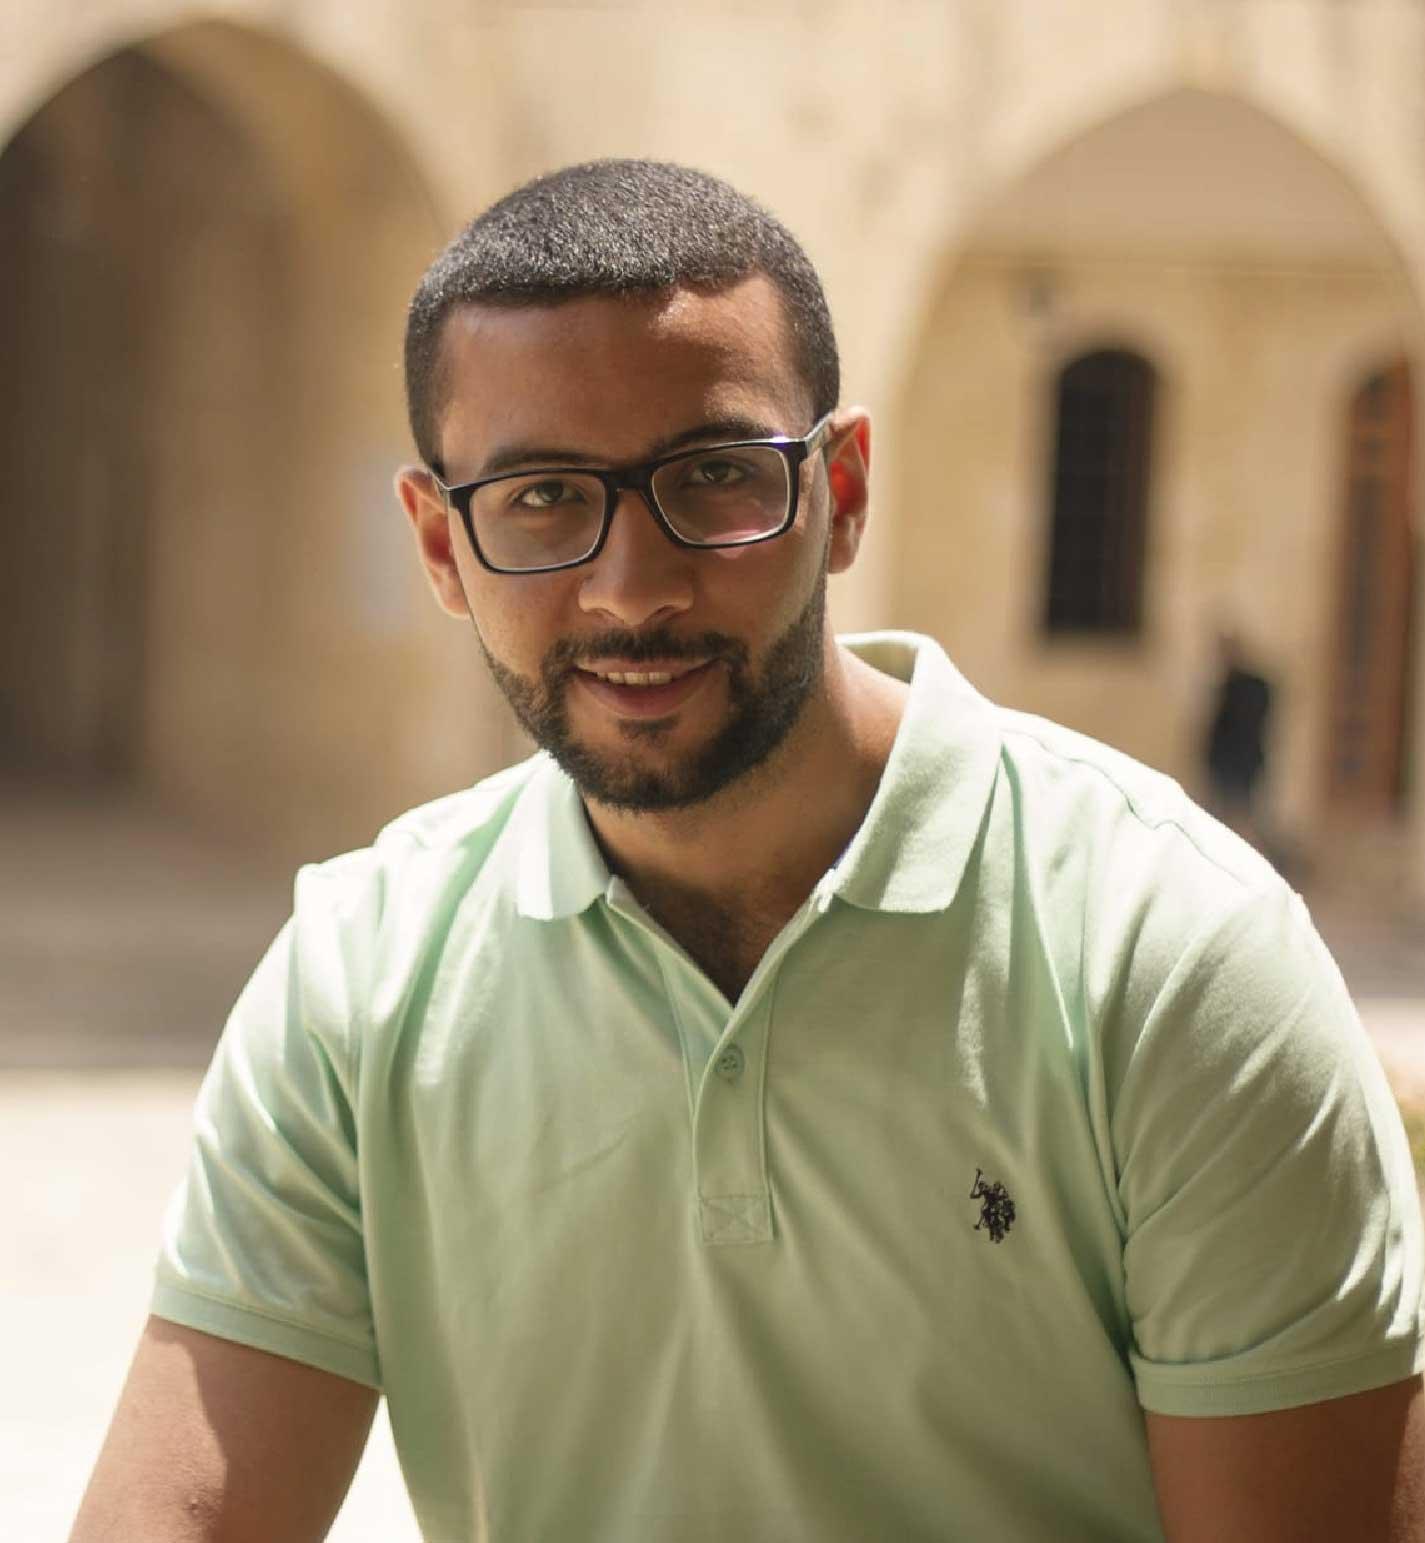 Eng. Hammam Ayoub Khamis